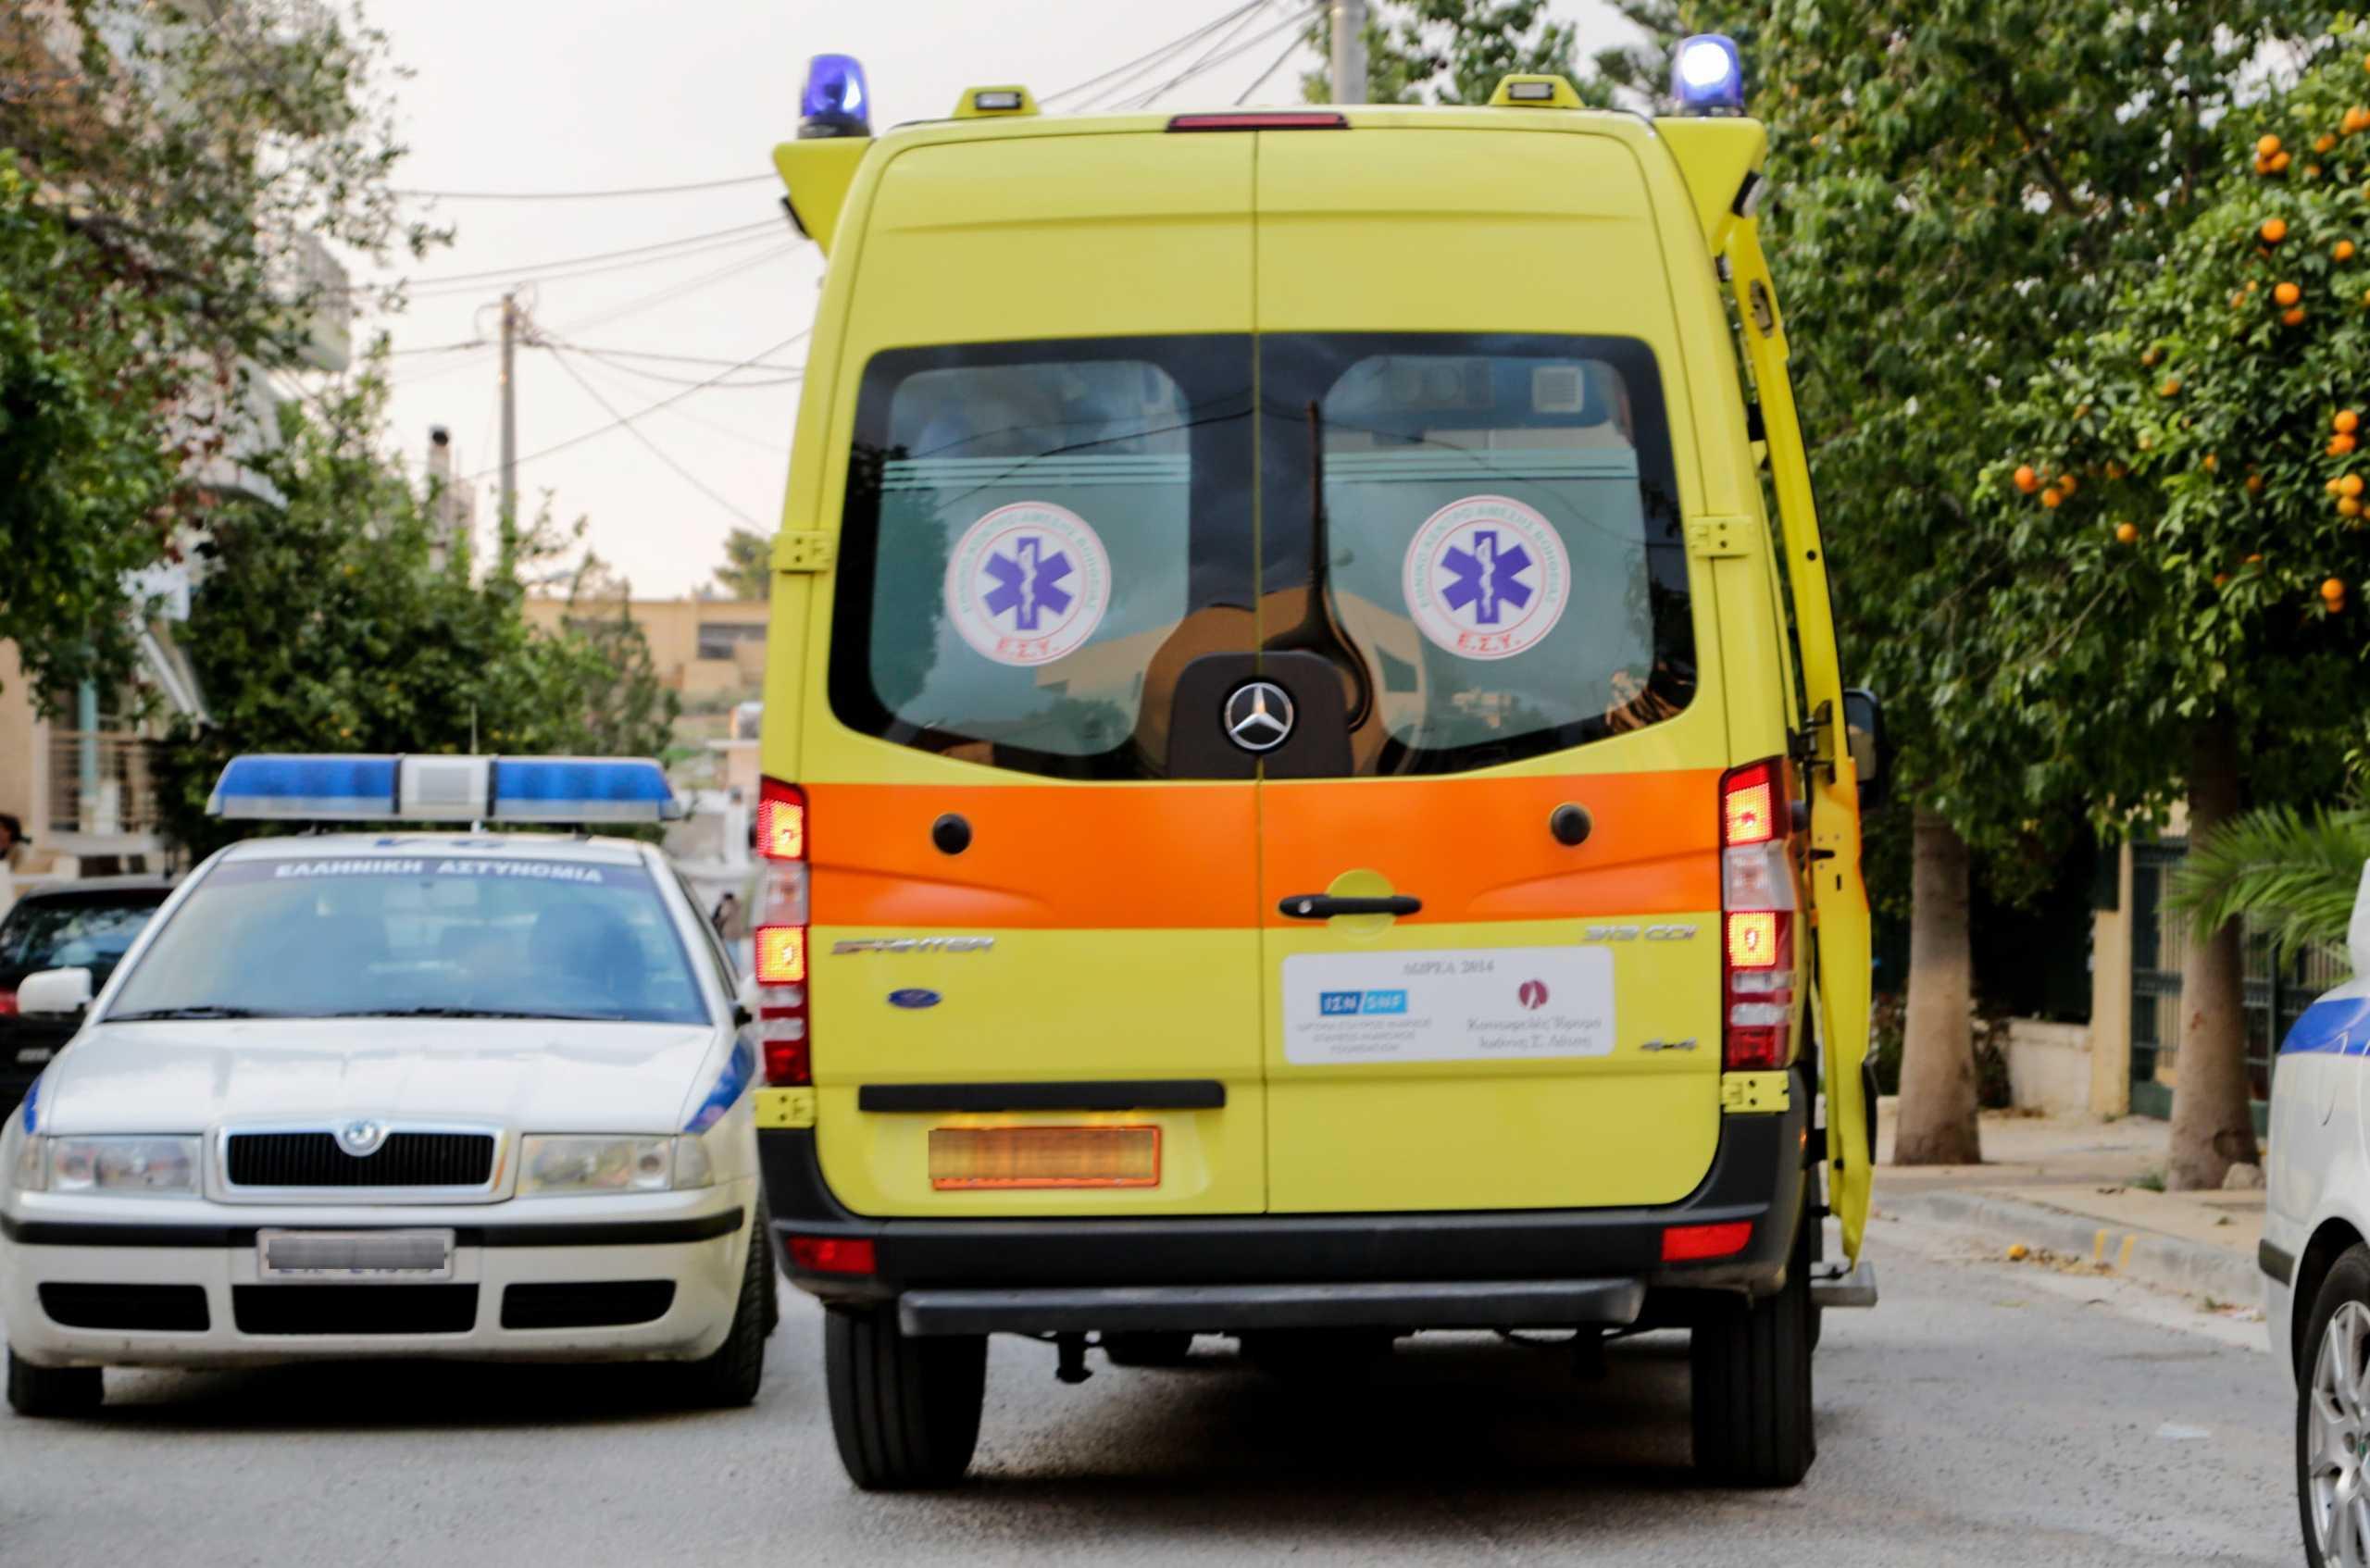 Θεσσαλονίκη: Εφιάλτης στο τιμόνι για να αποφύγει πεζό – Στο νοσοκομείο ο τραυματισμένος οδηγός (video)